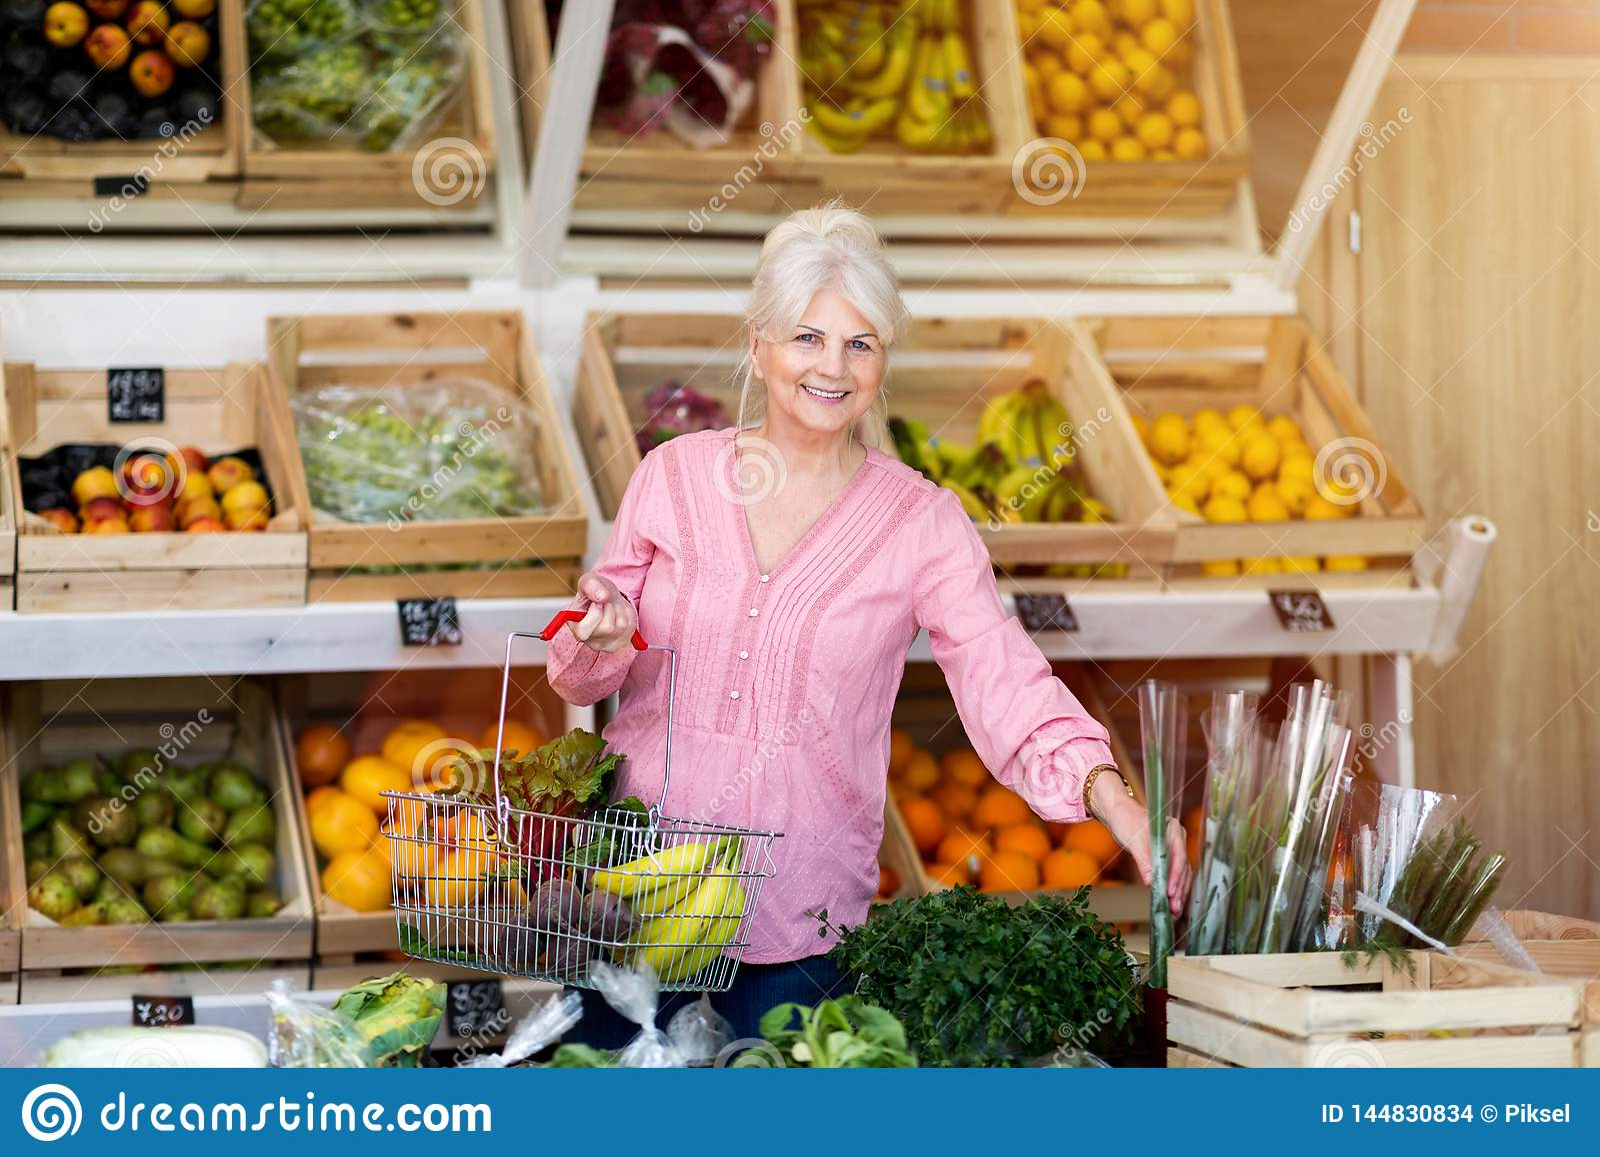 Compra da mulher na mercearia pequena